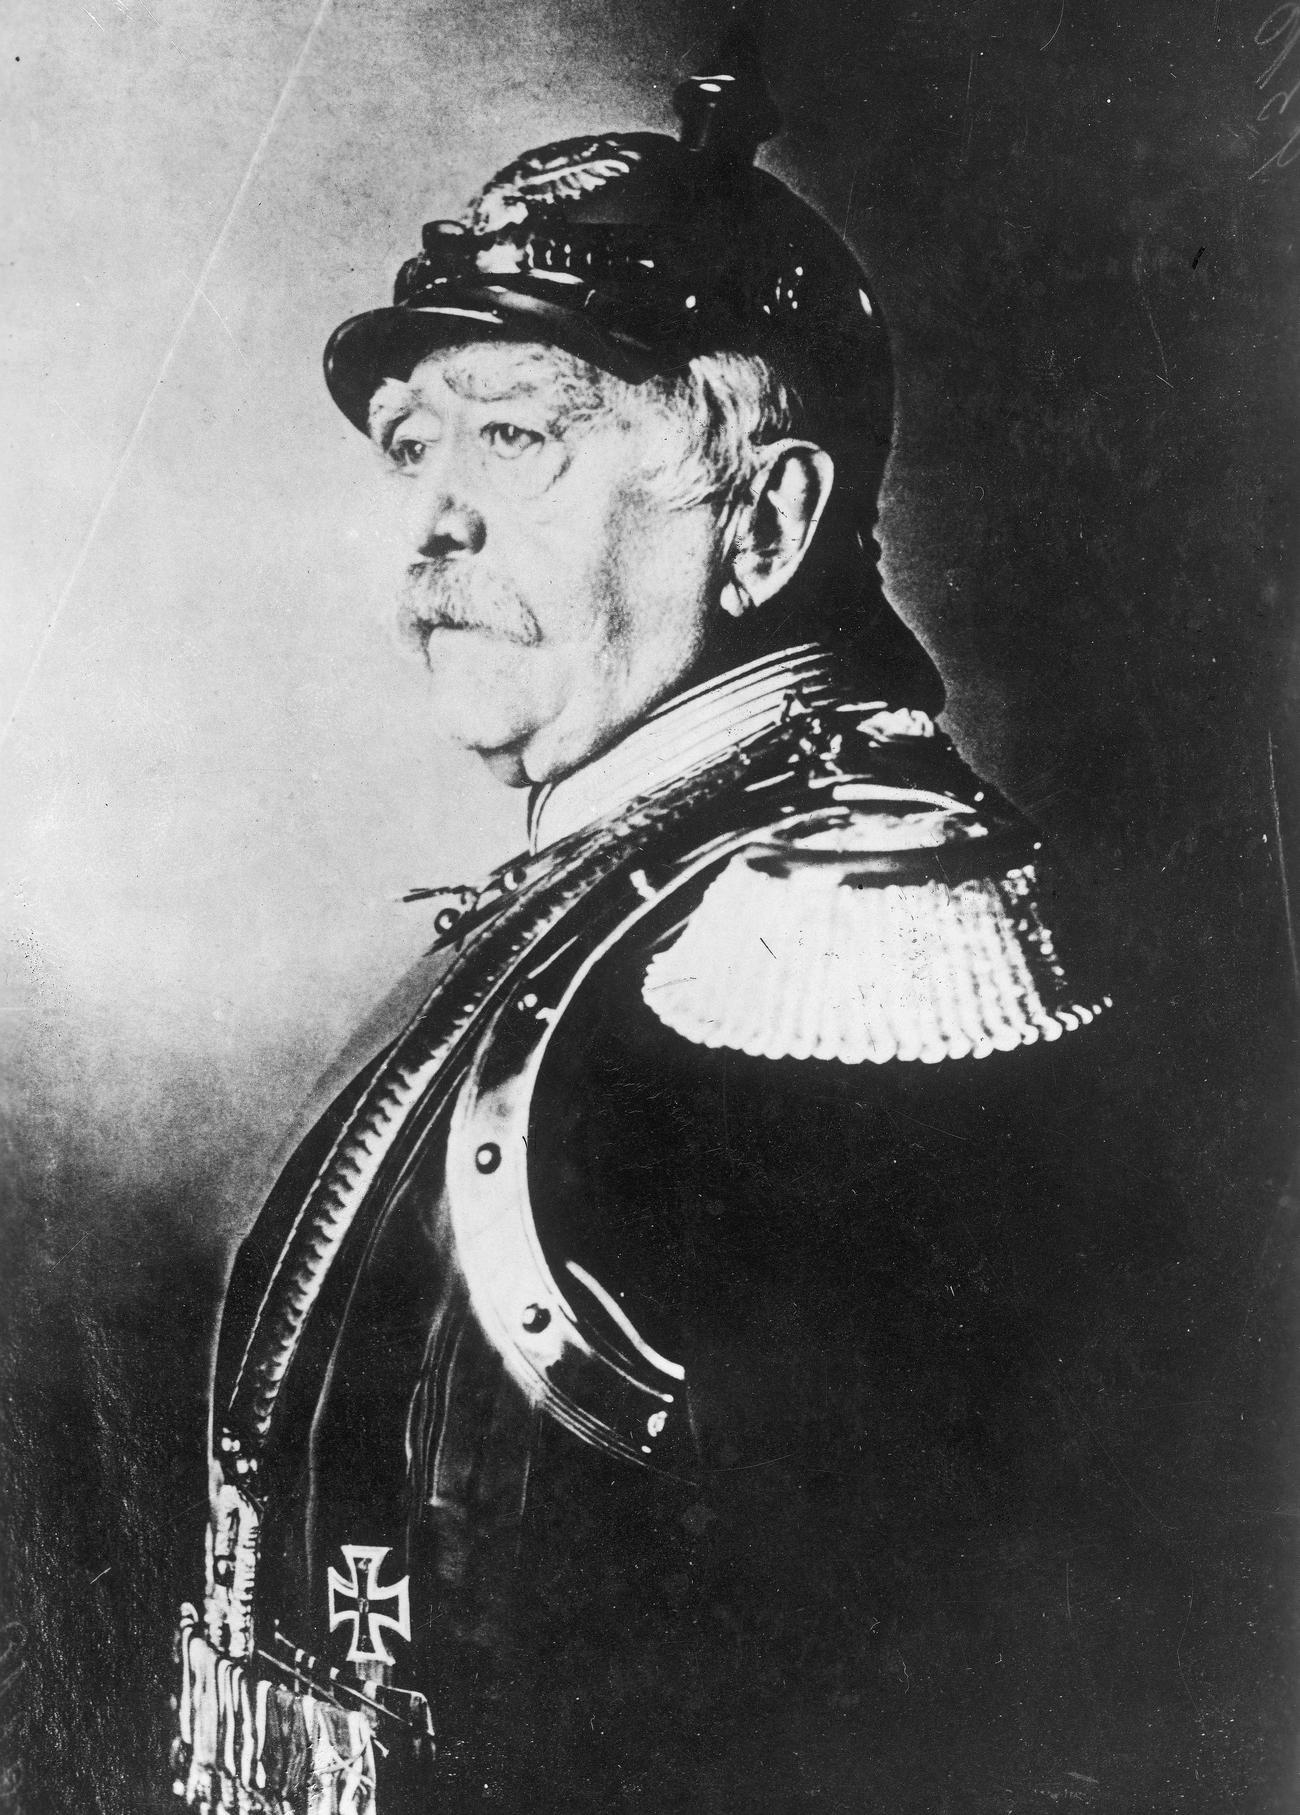 Kanclerz Otto von Bismarck był wściekły gdy dowiedział się o tym jak poczynali sobie w Kamerunie Rogoziński i Janikowski.